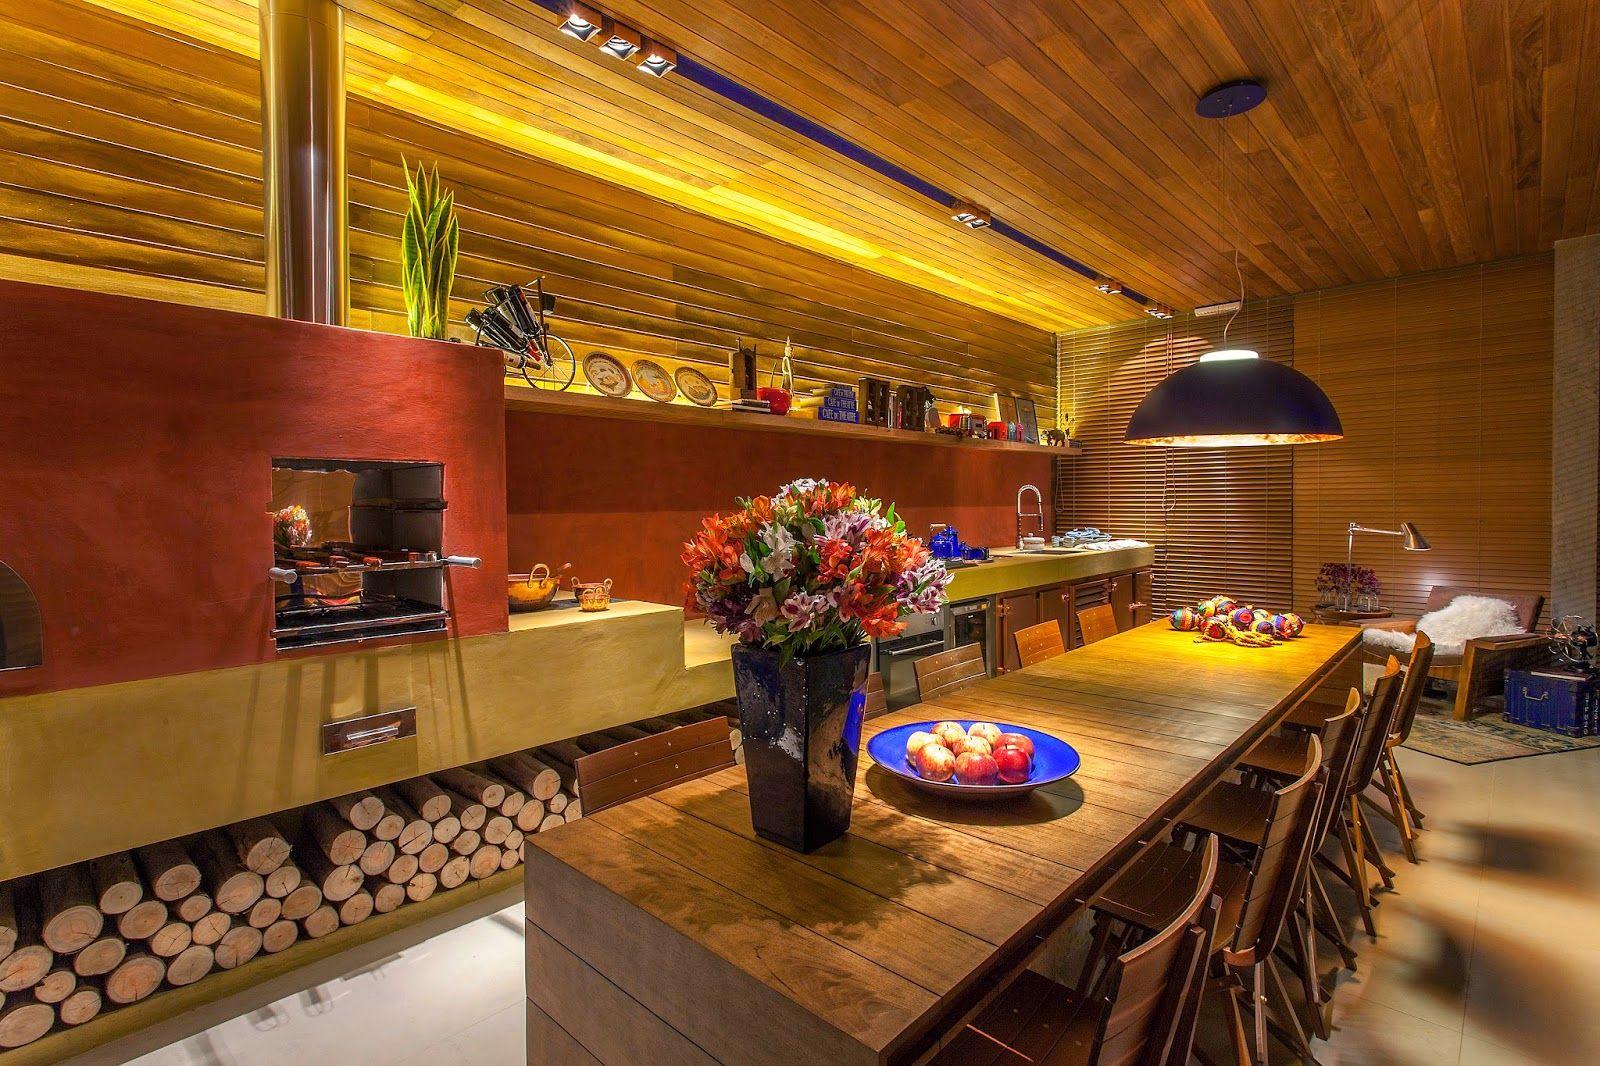 Fog O A Lenha Veja Lindos Modelos Em Cozinhas Modernas E Caipiras